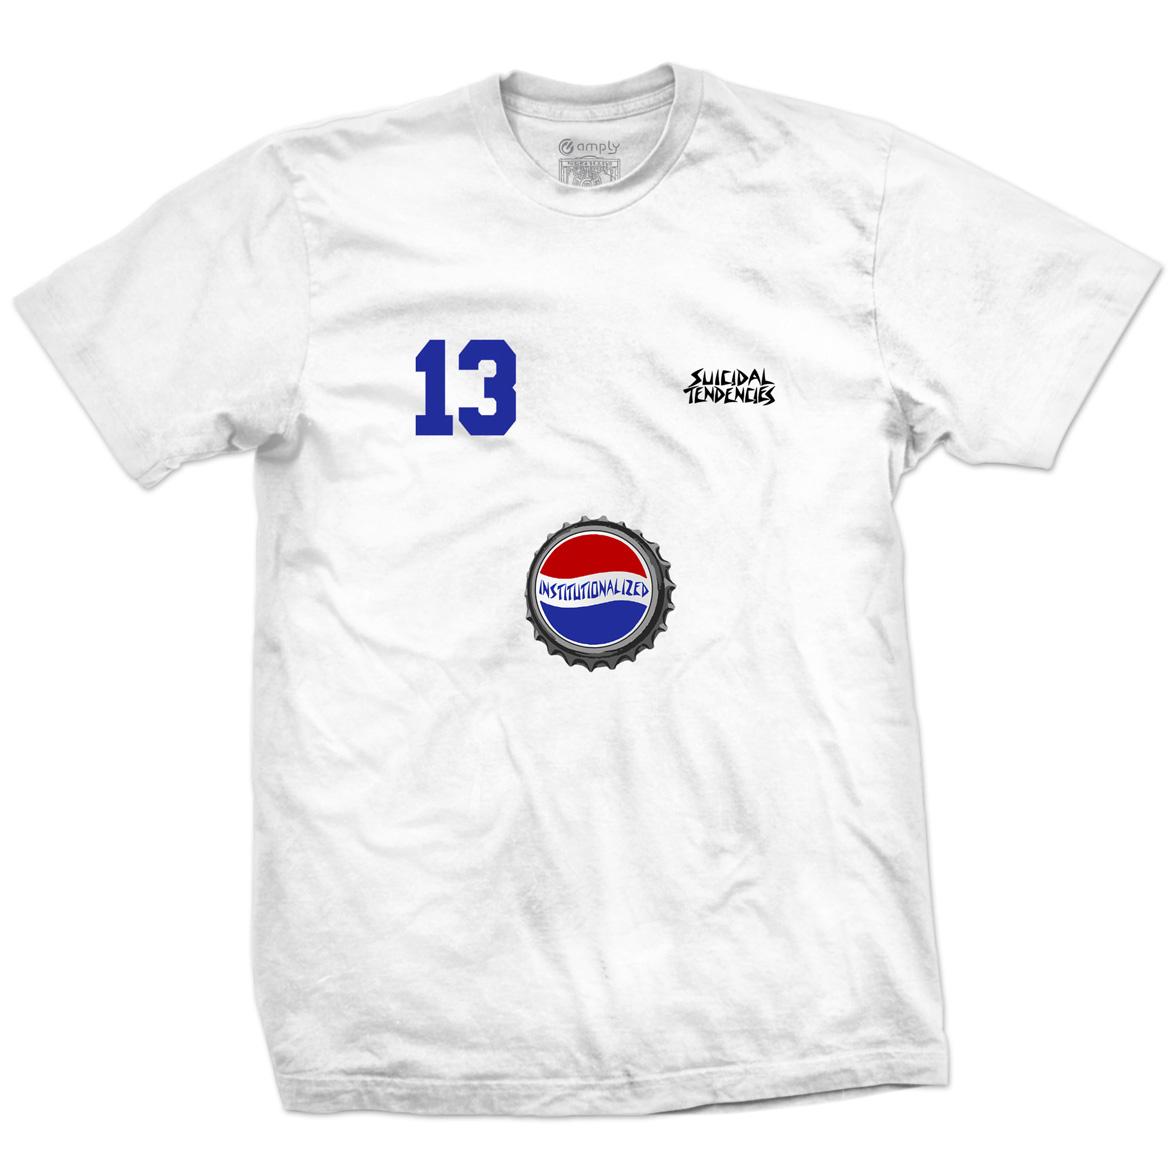 Camiseta Institutionalized